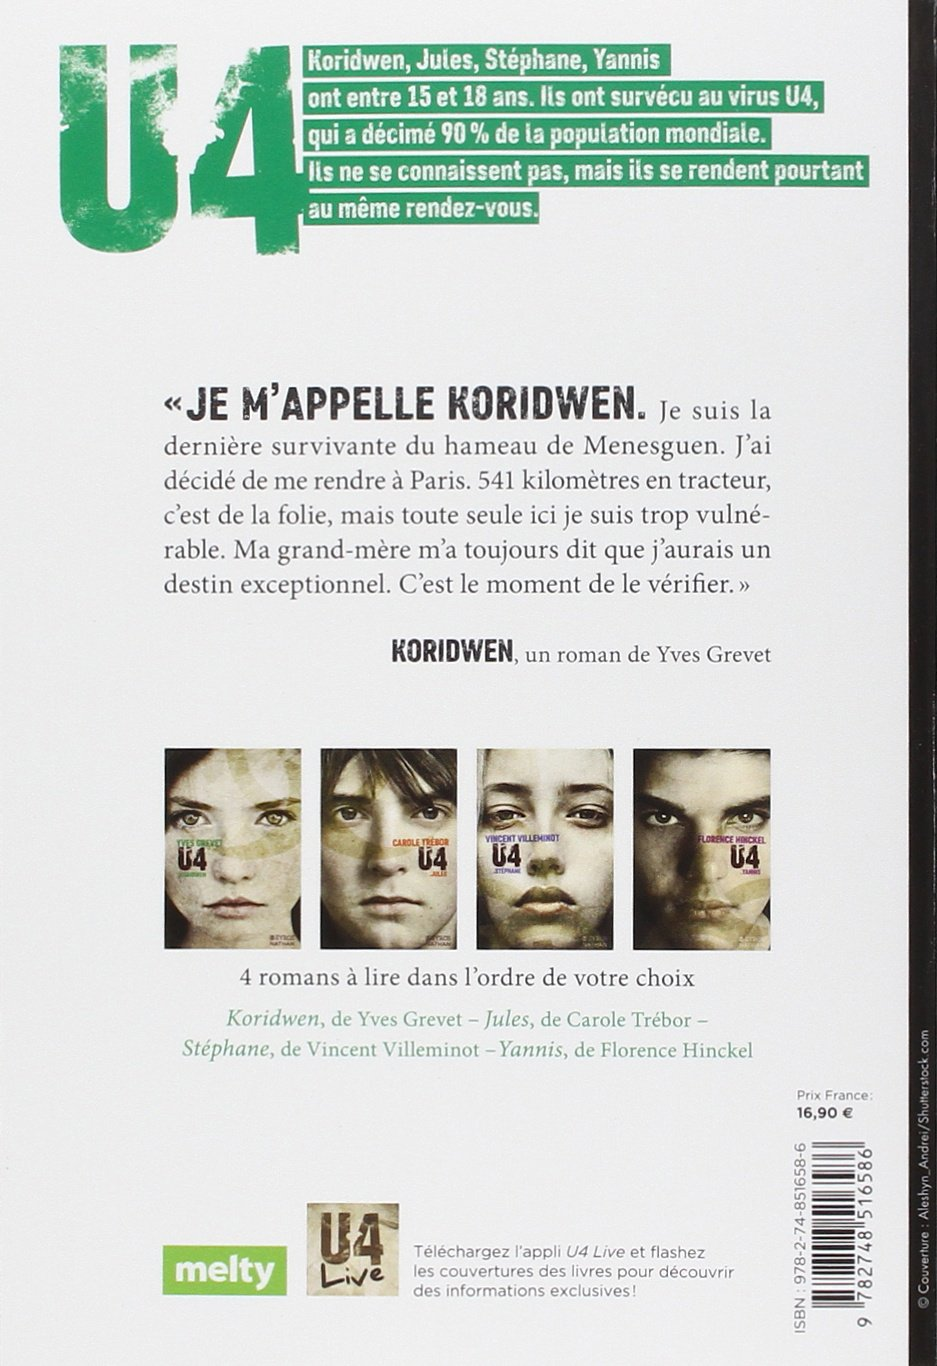 [Critique Littéraire] U4 Koridwen - Yves Grevet